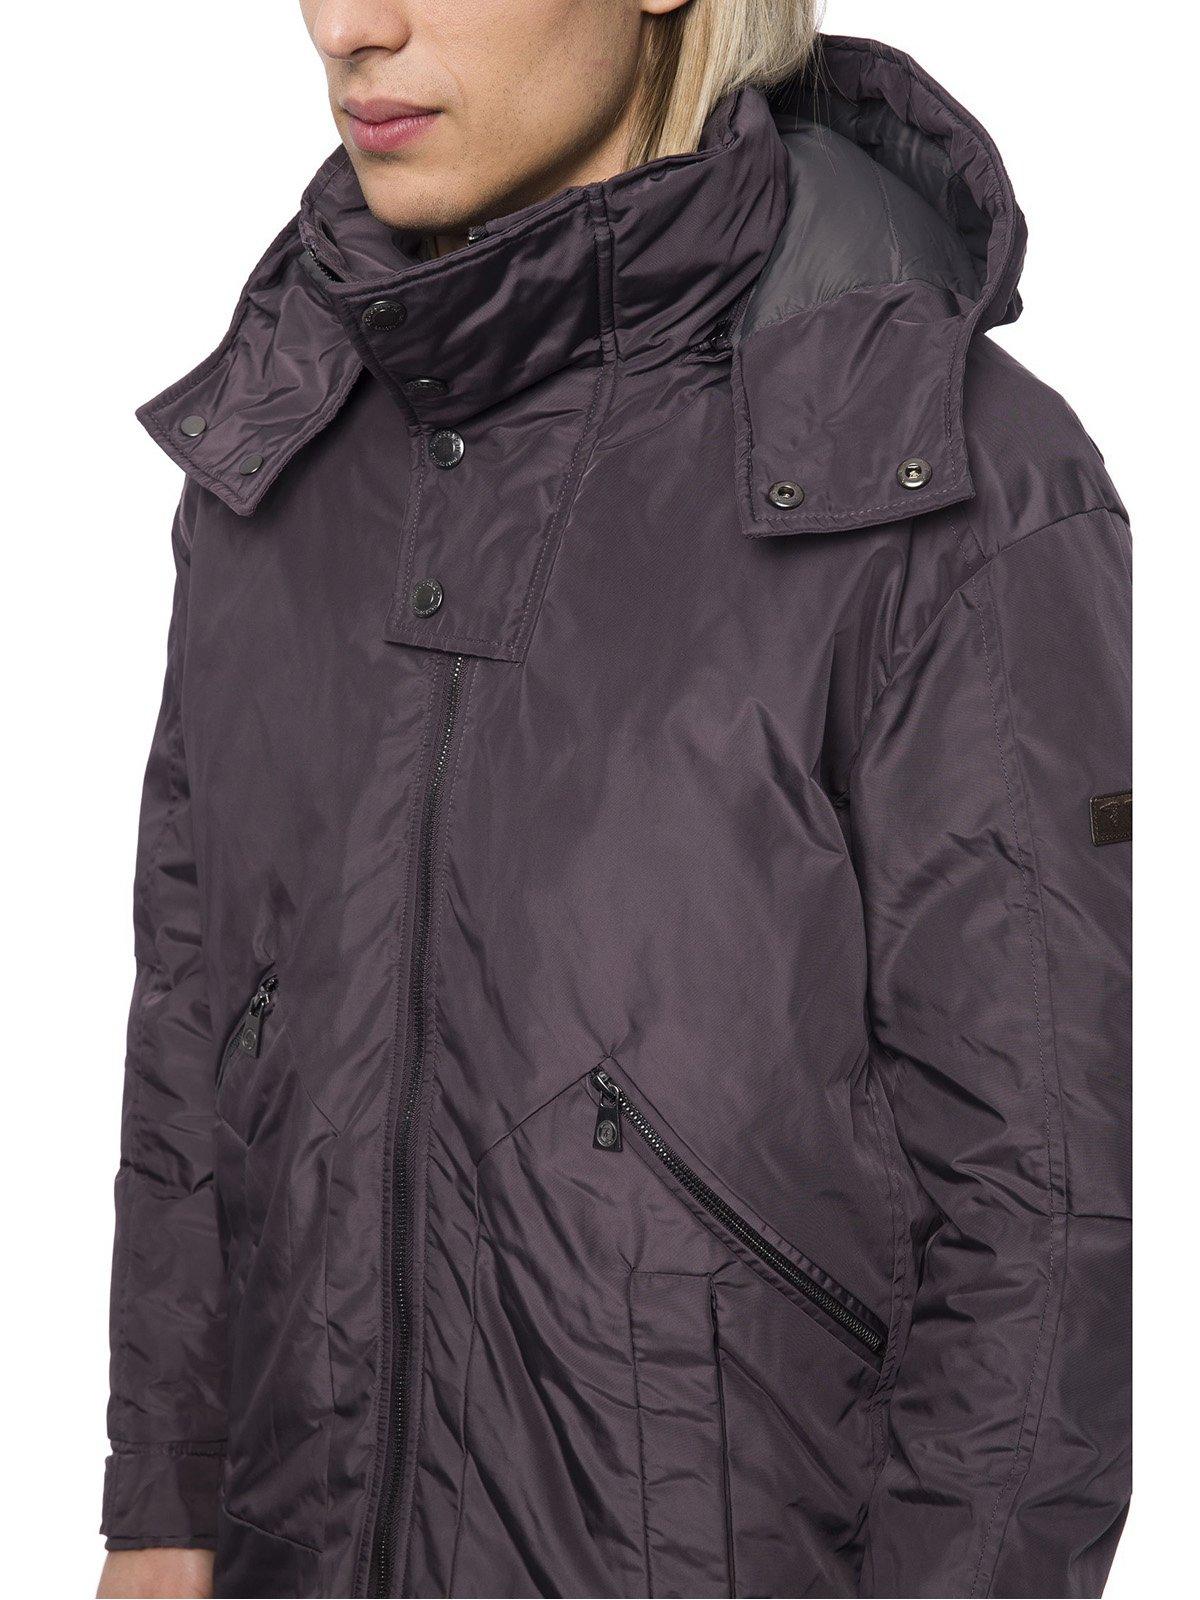 Куртка сіра | 3753371 | фото 4